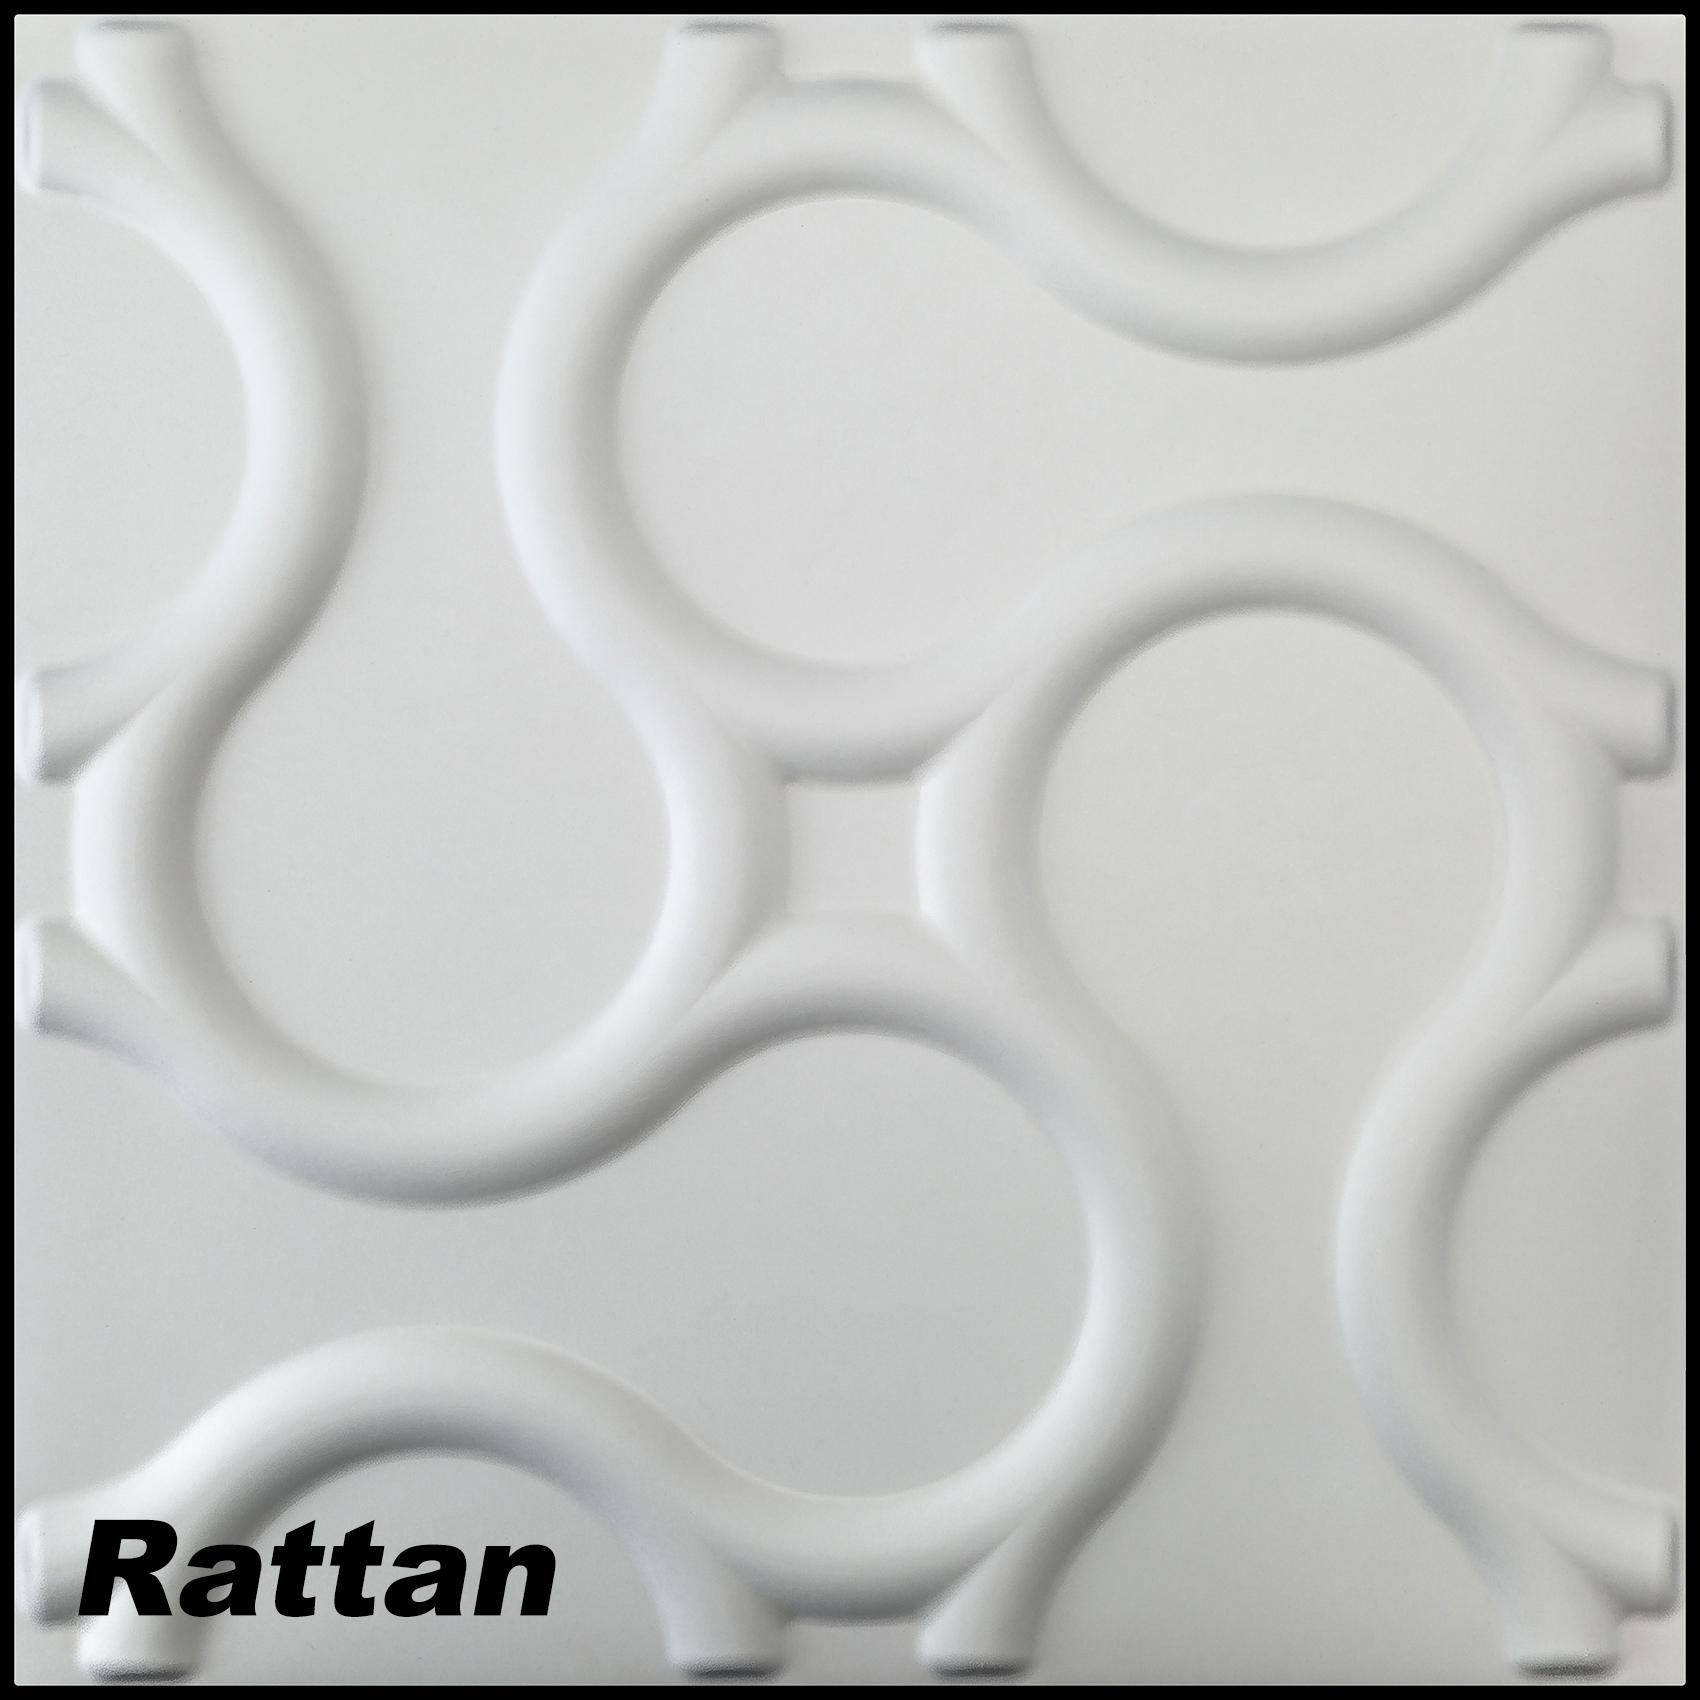 Rattan originalbild 1